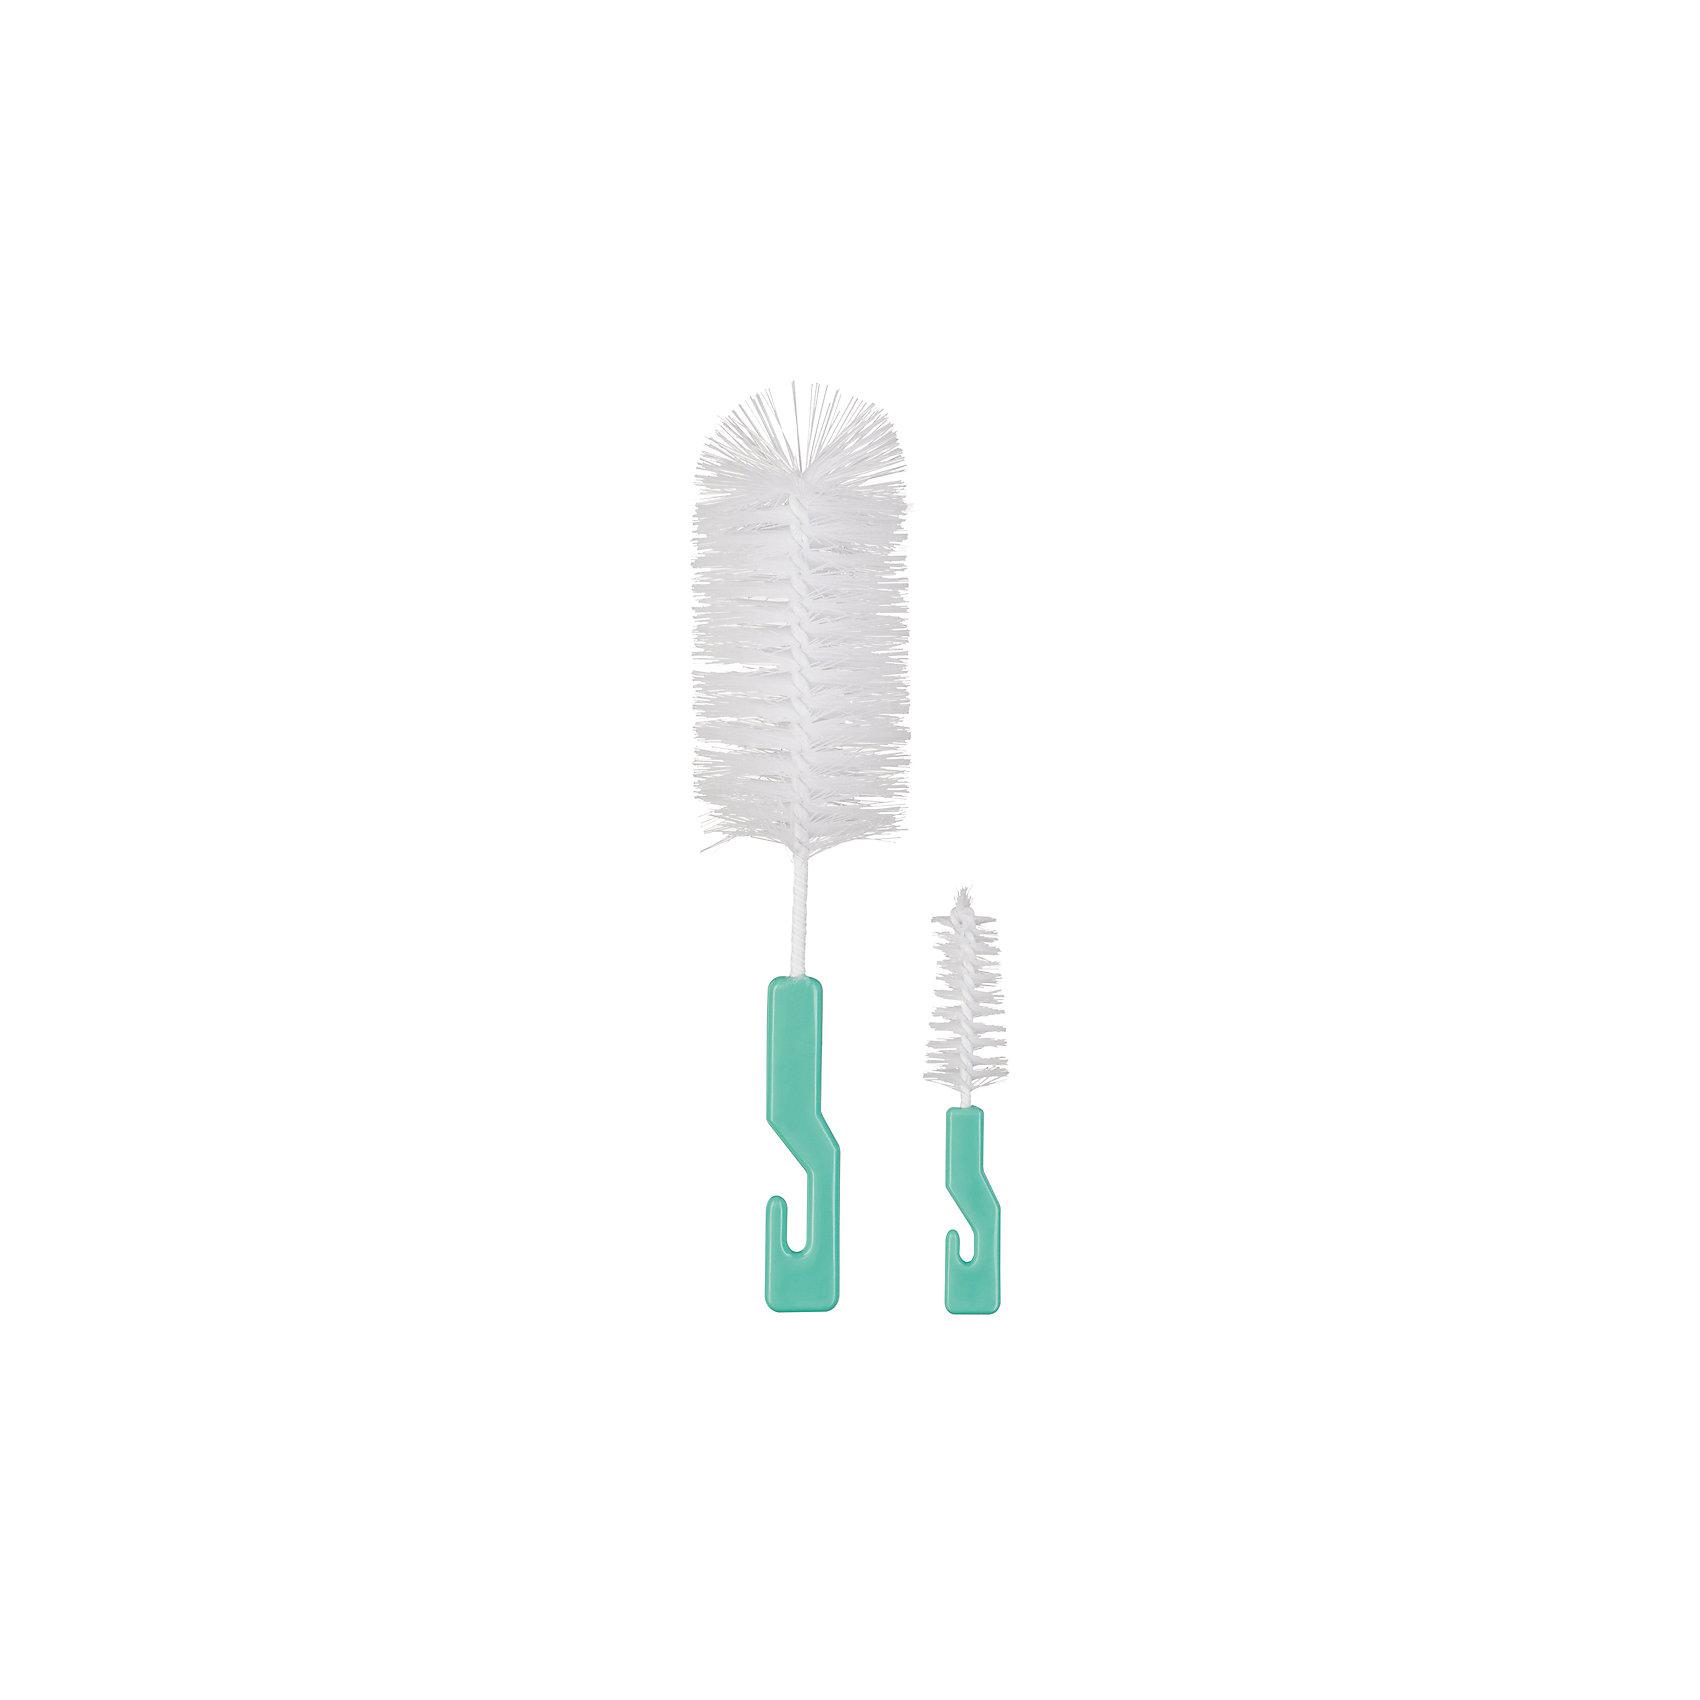 Набор ёршиков для бутылочек CLEAN X2, Happy Baby, мятныйАксессуары для бутылочек и поильников<br>Набор ершиков ля бутылочек CLEAN X2, Happy Baby, мятный имеет эргономичную конфигурацию, что позволяет мыть бутылочки и соски. Щетина из сверхпрочного нейлона обеспечит долгий срок службы. Удобная форма ручки не доставит дискомфорта в процессе эксплуатации. Набор ершиков для бутылочек Happy Baby прекрасно подойдет для чистки бутылочек Вашего малыша. <br><br>Дополнительная информация:<br><br>- размеры:35*28*15 см.<br>- материал пластик, нейлон, сталь<br><br>Набор ёршиков для бутылочек CLEAN X2, Happy Baby, мятный можно купить в нашем интернет –магазине.<br><br>Ширина мм: 40<br>Глубина мм: 120<br>Высота мм: 290<br>Вес г: 29<br>Возраст от месяцев: 0<br>Возраст до месяцев: 12<br>Пол: Унисекс<br>Возраст: Детский<br>SKU: 4696791